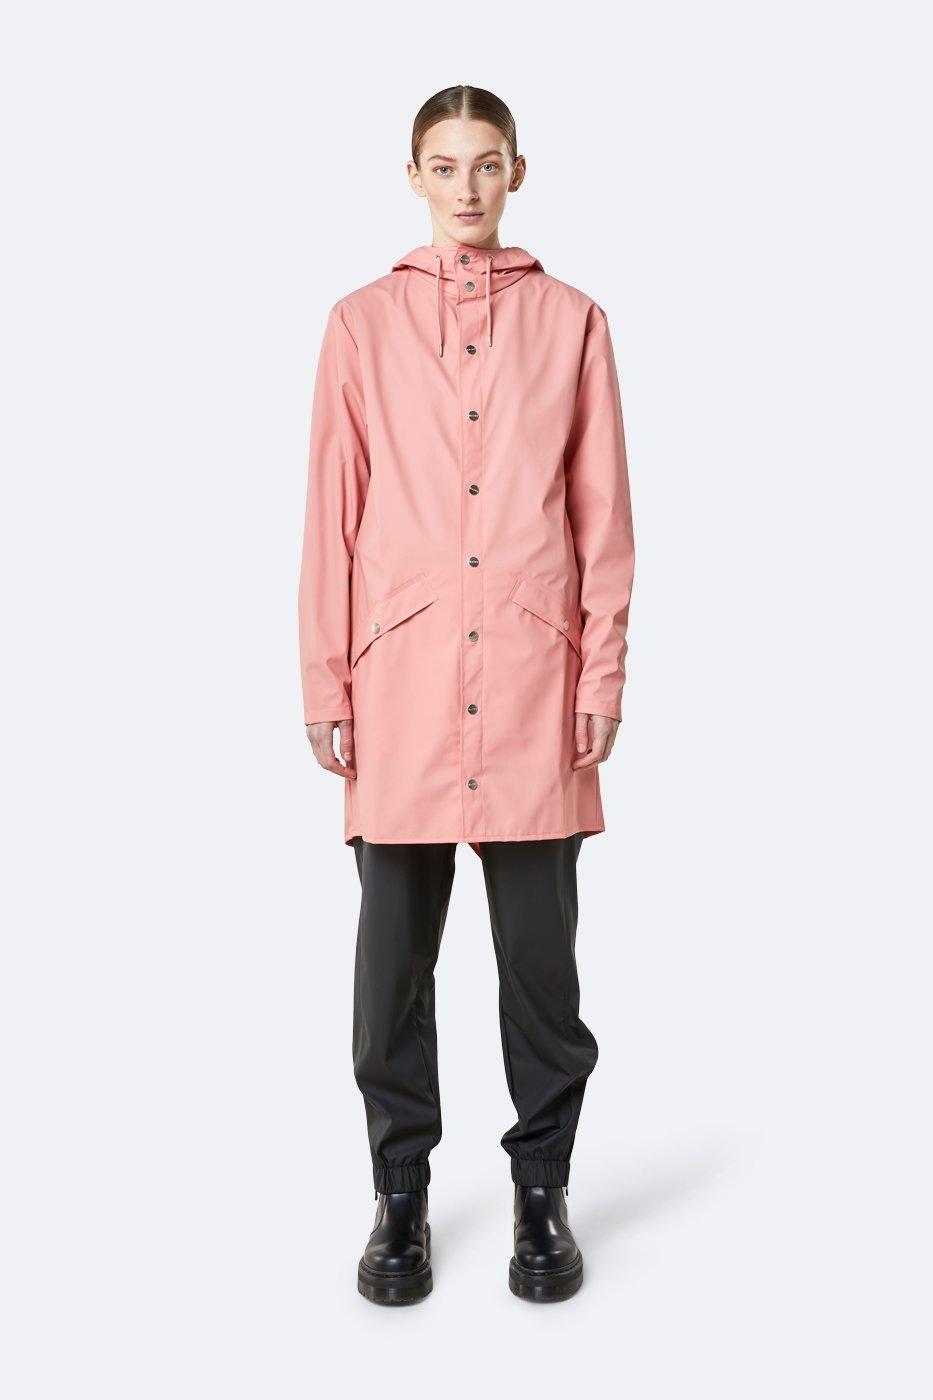 Rains Long Jacket coral unisex XS/S